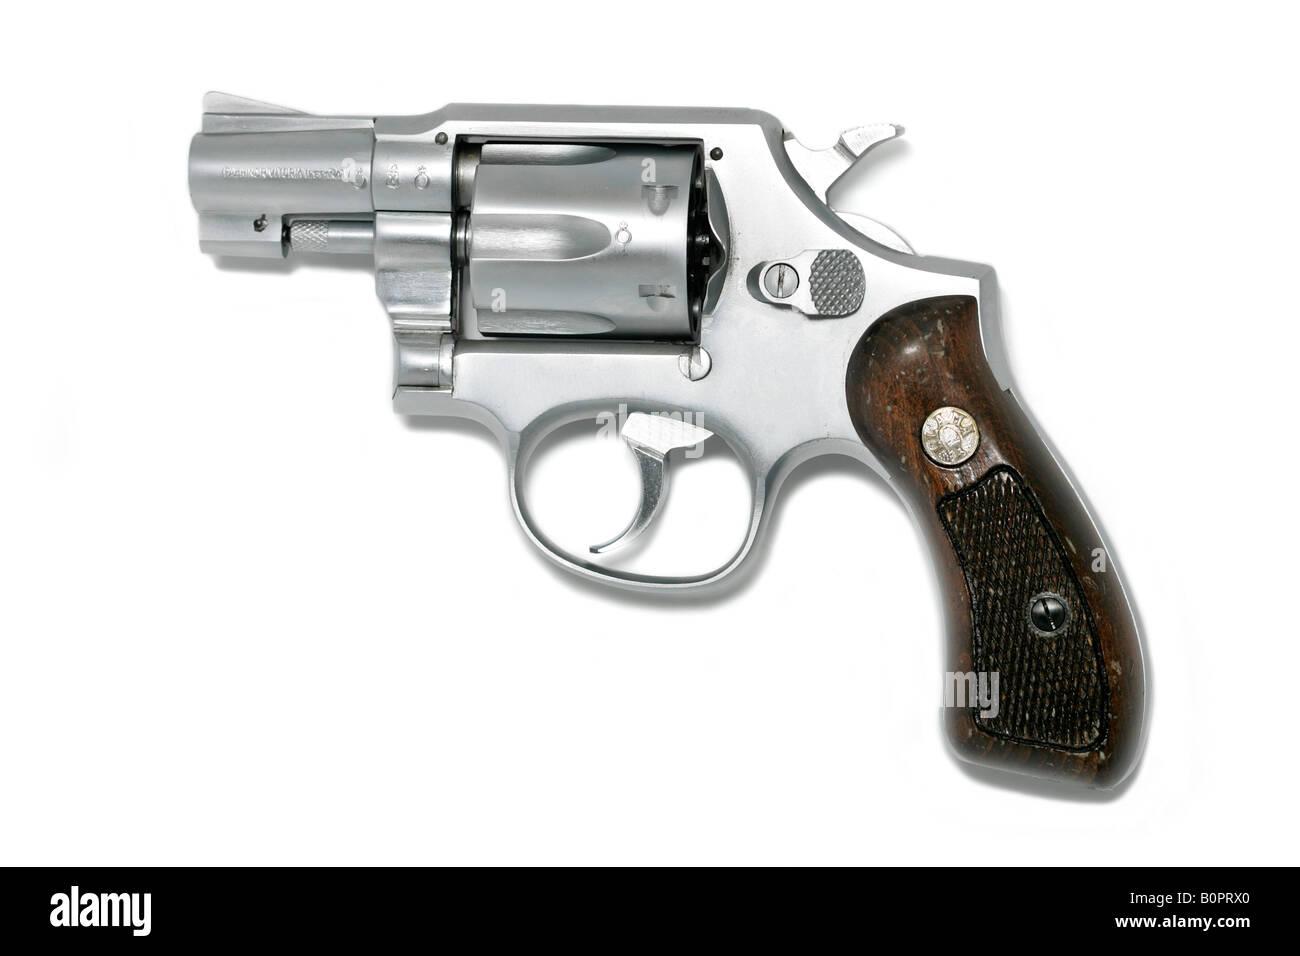 How to Shoot a Handgun